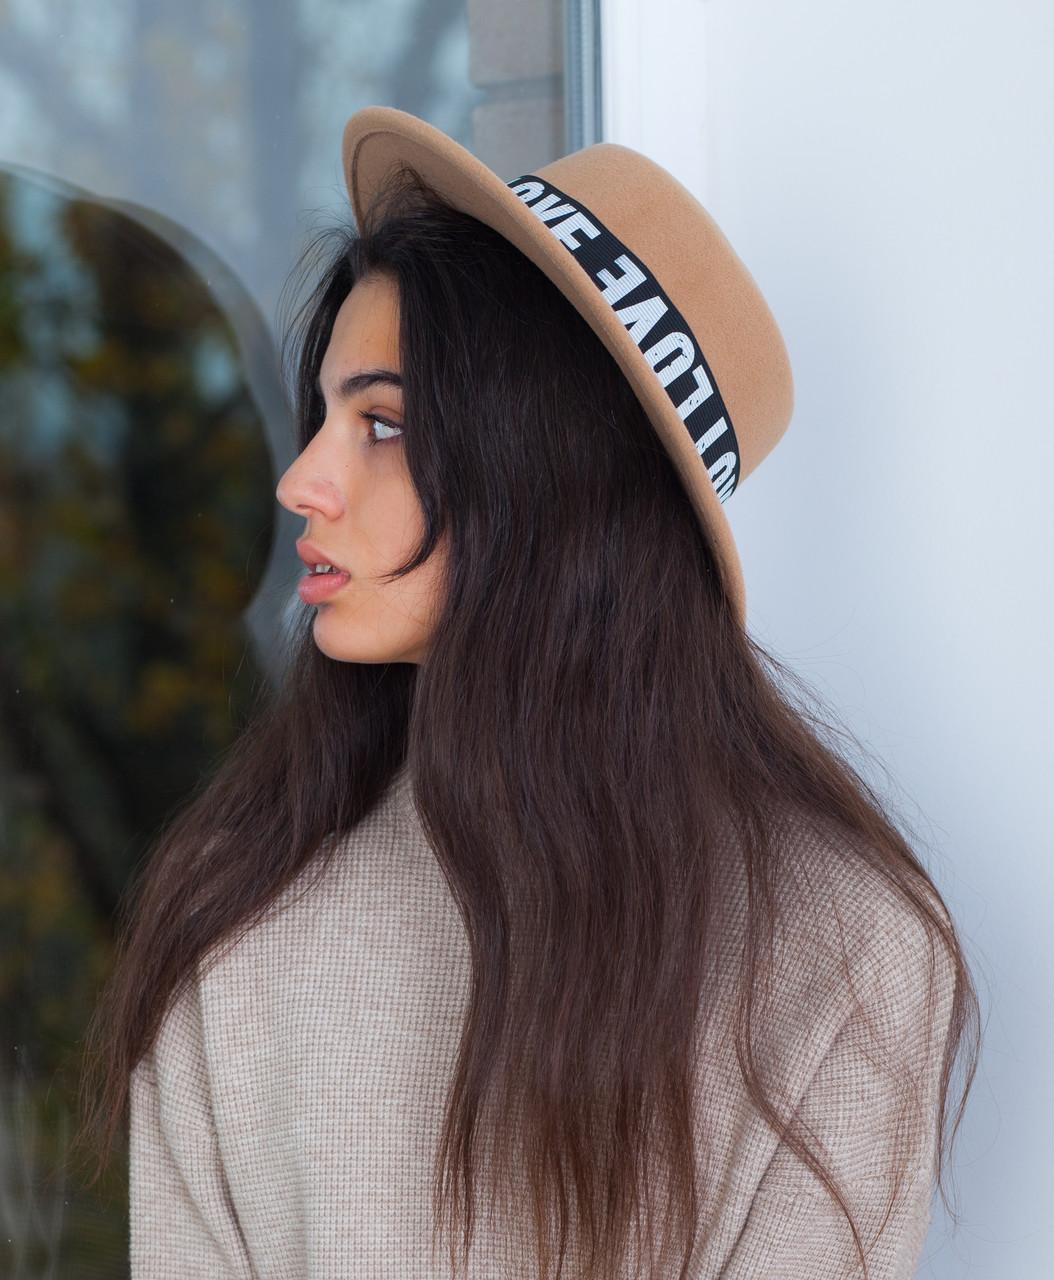 Шляпа с надписями беж